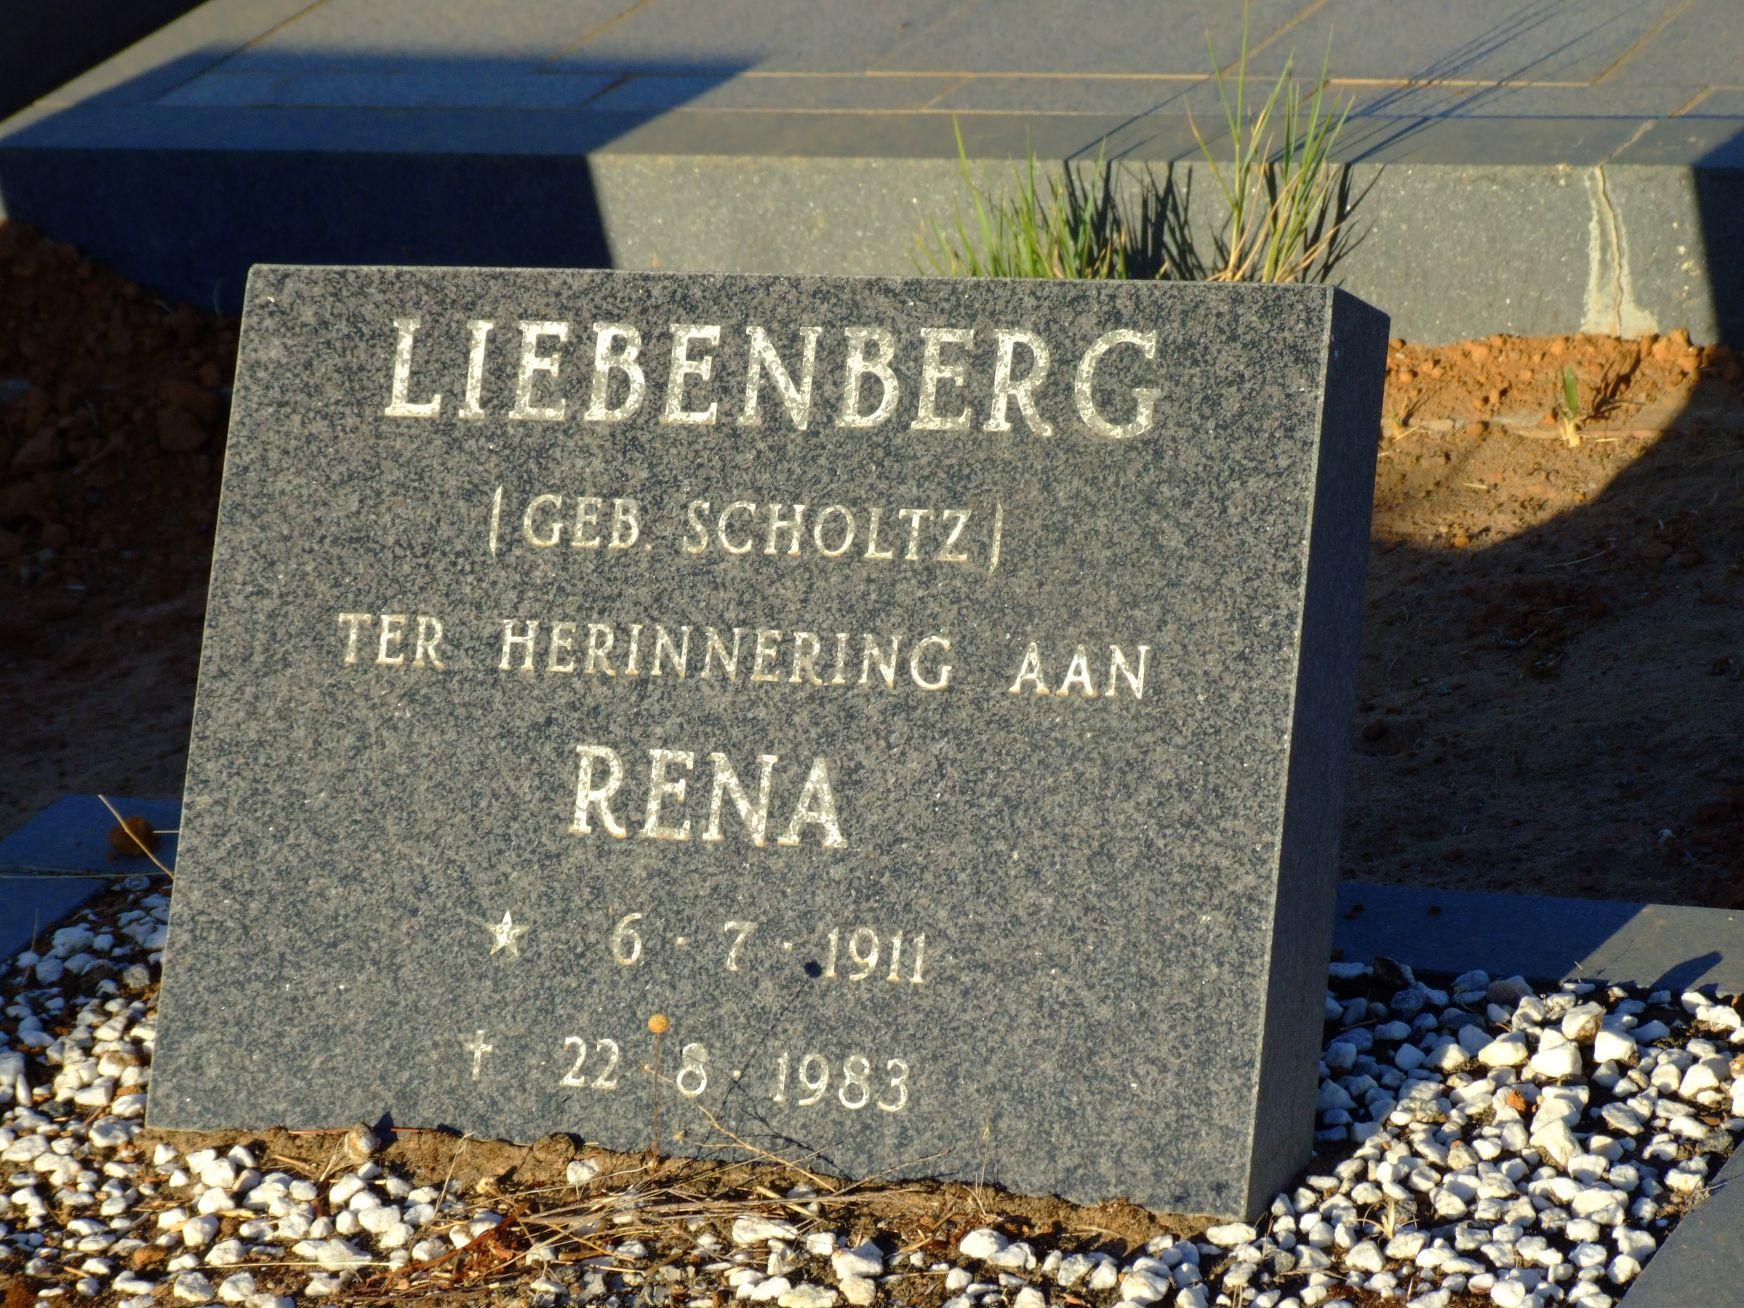 Liebenberg,Rena nee Scholtz